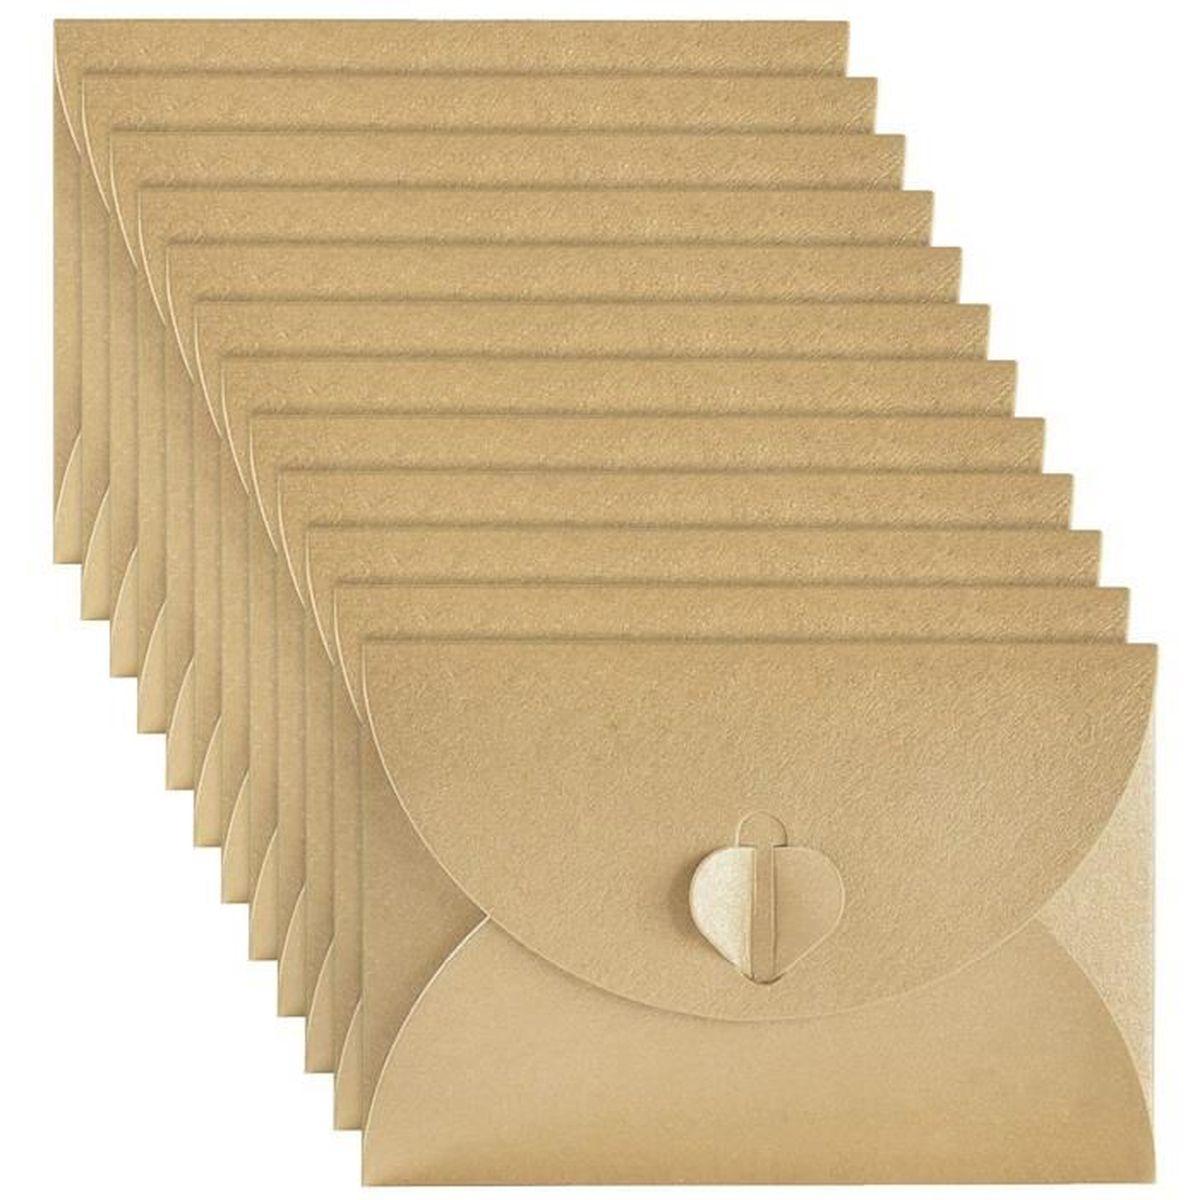 ENVELOPPE 50 Pieces Mini Enveloppes De Papier Kraft Avec Fer